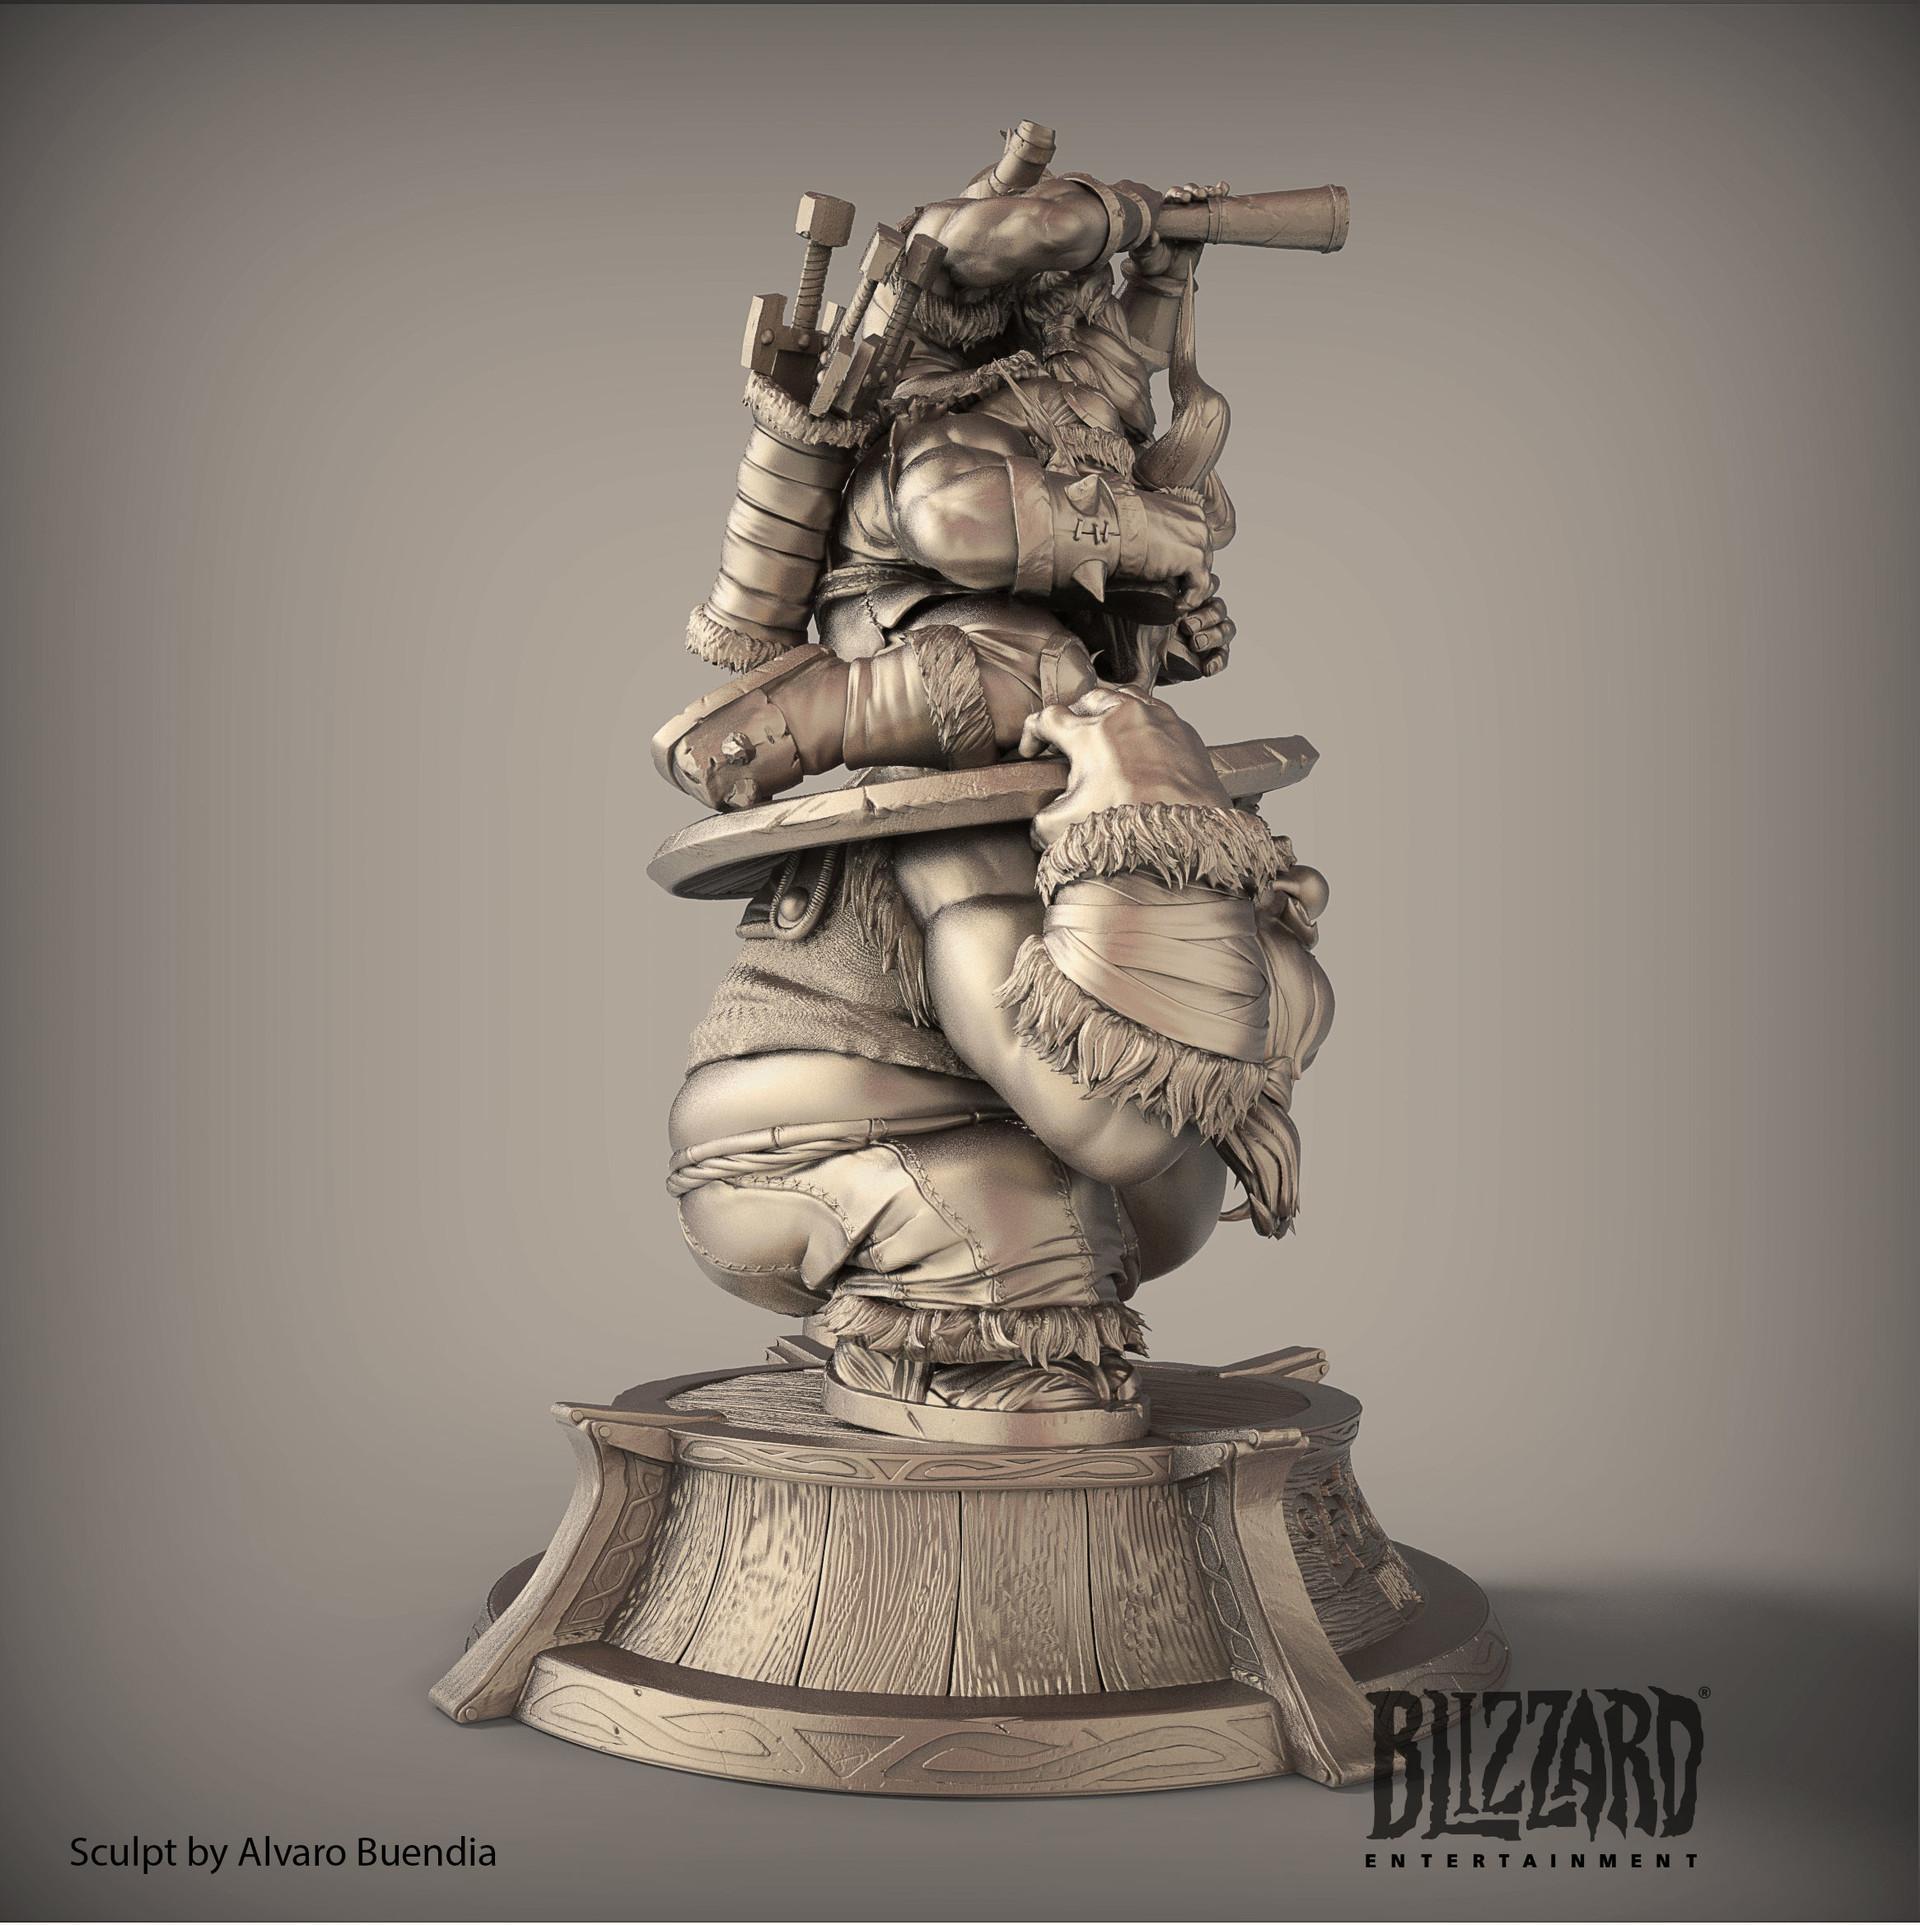 Alvaro Buendia Lost Vikings Blizzard 25 Years Anniversary Employee